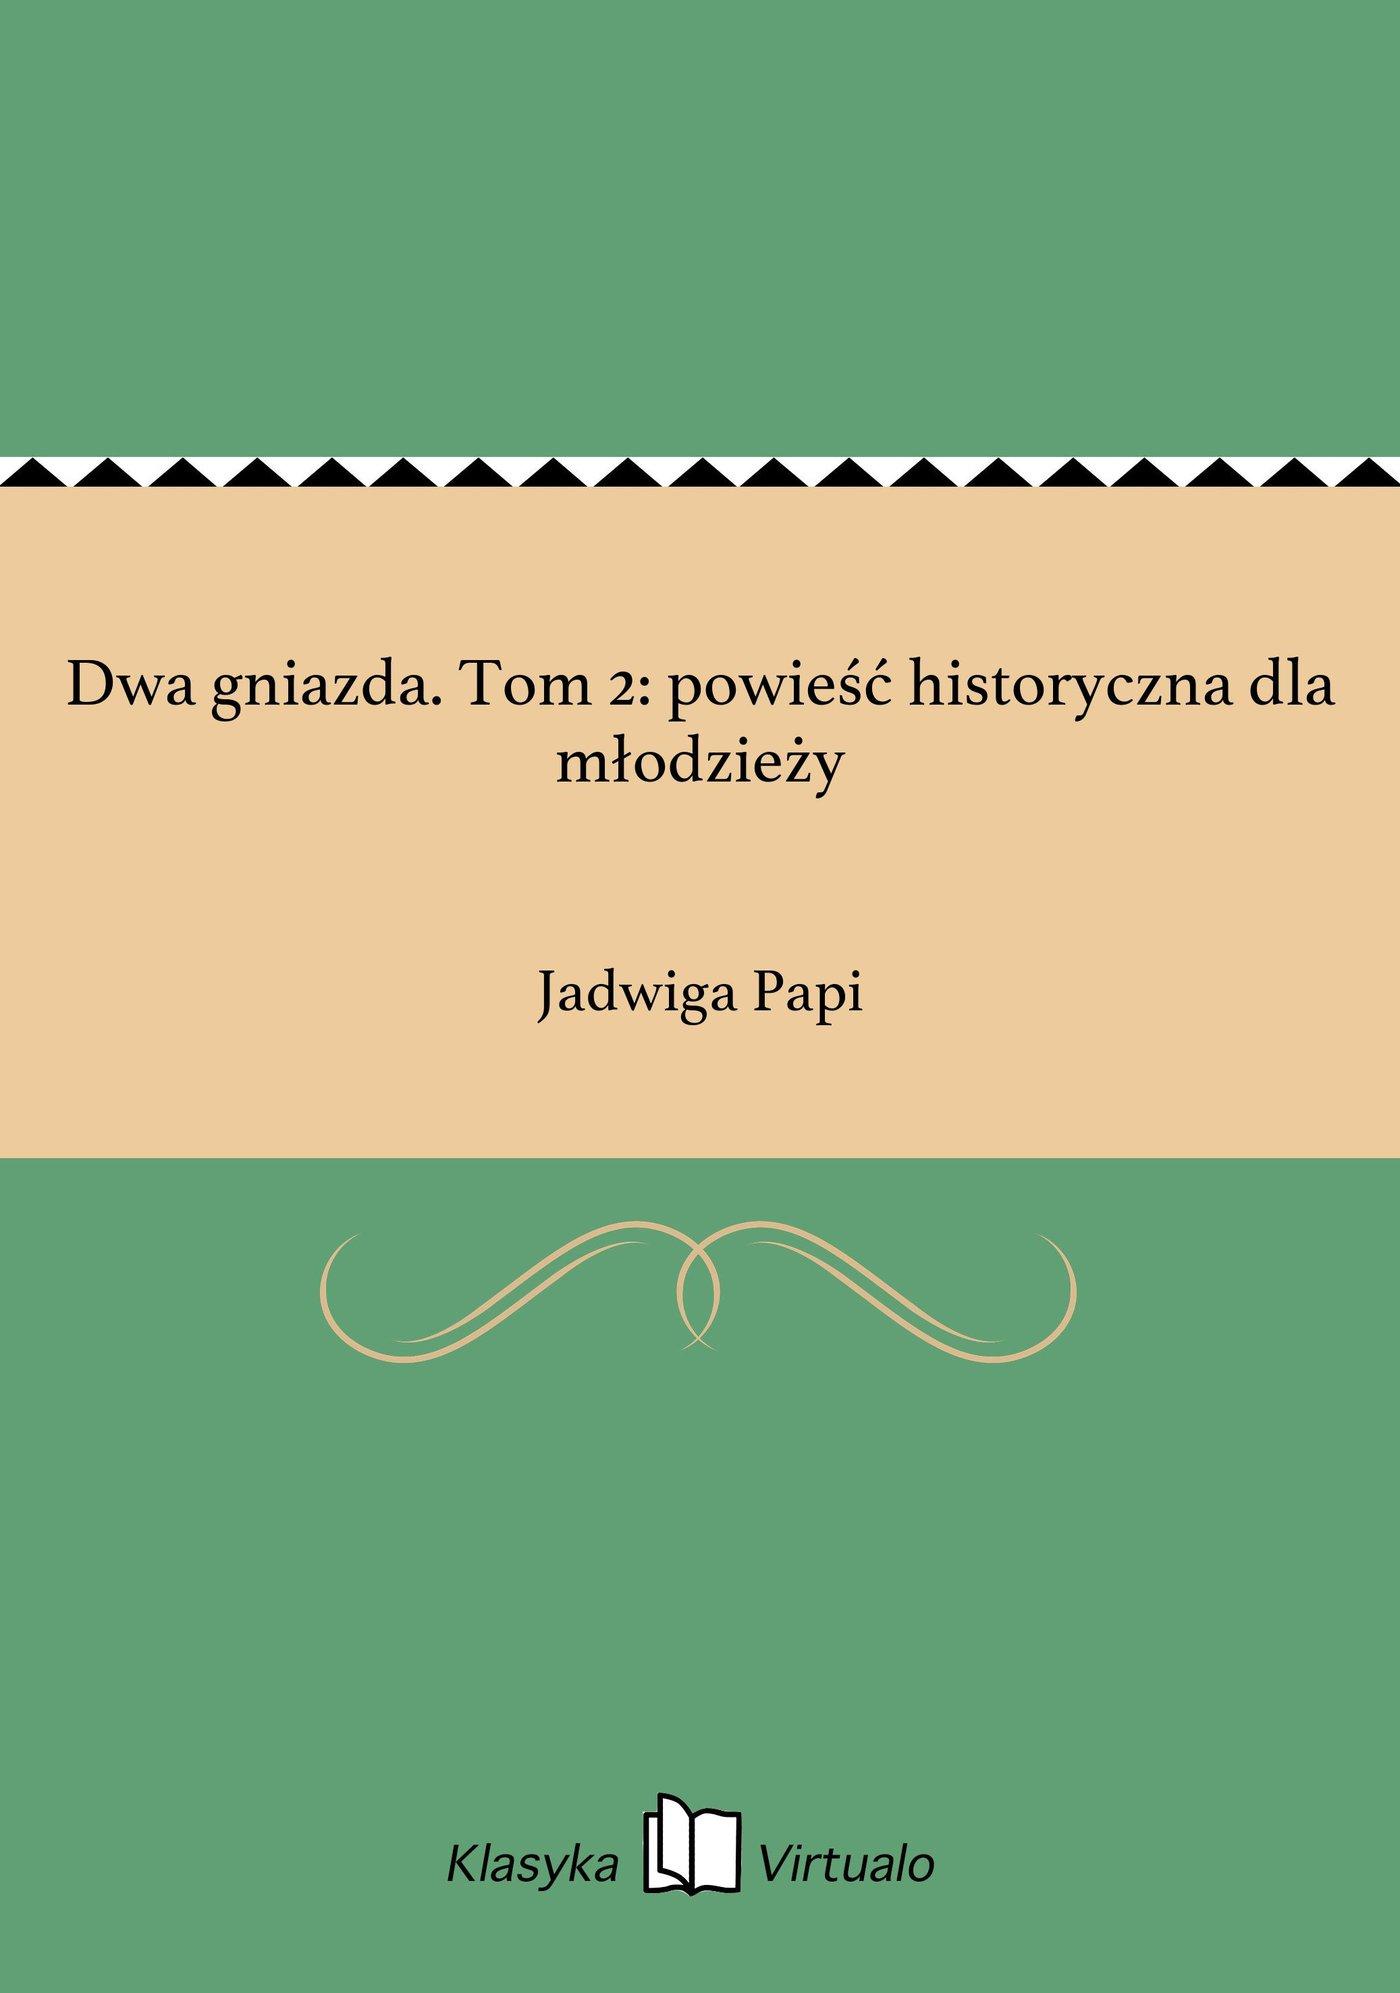 Dwa gniazda. Tom 2: powieść historyczna dla młodzieży - Ebook (Książka EPUB) do pobrania w formacie EPUB